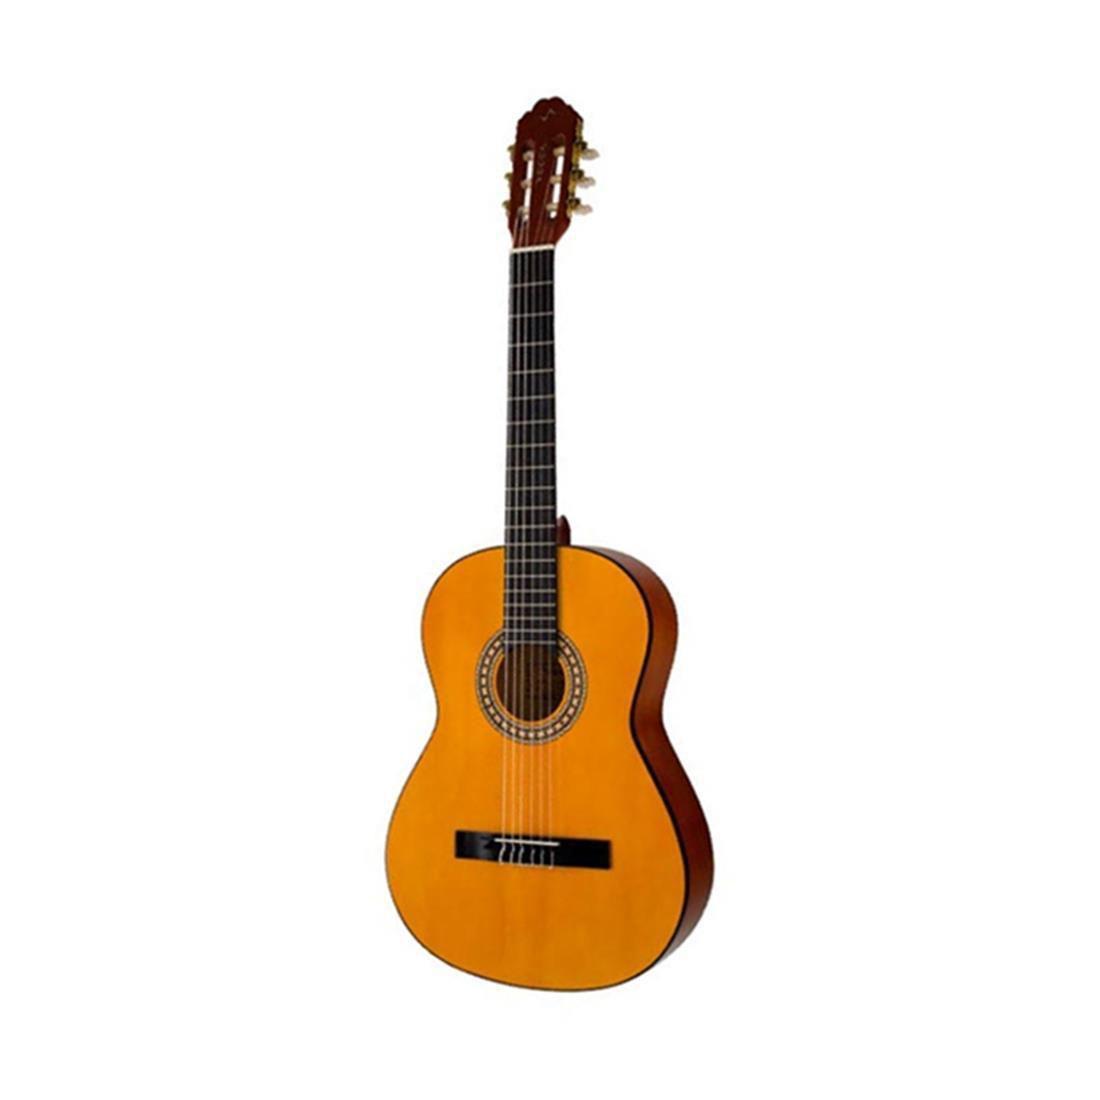 Violão Vogga Vca203Nc Nylon Natural  - Luggi Instrumentos Musicais